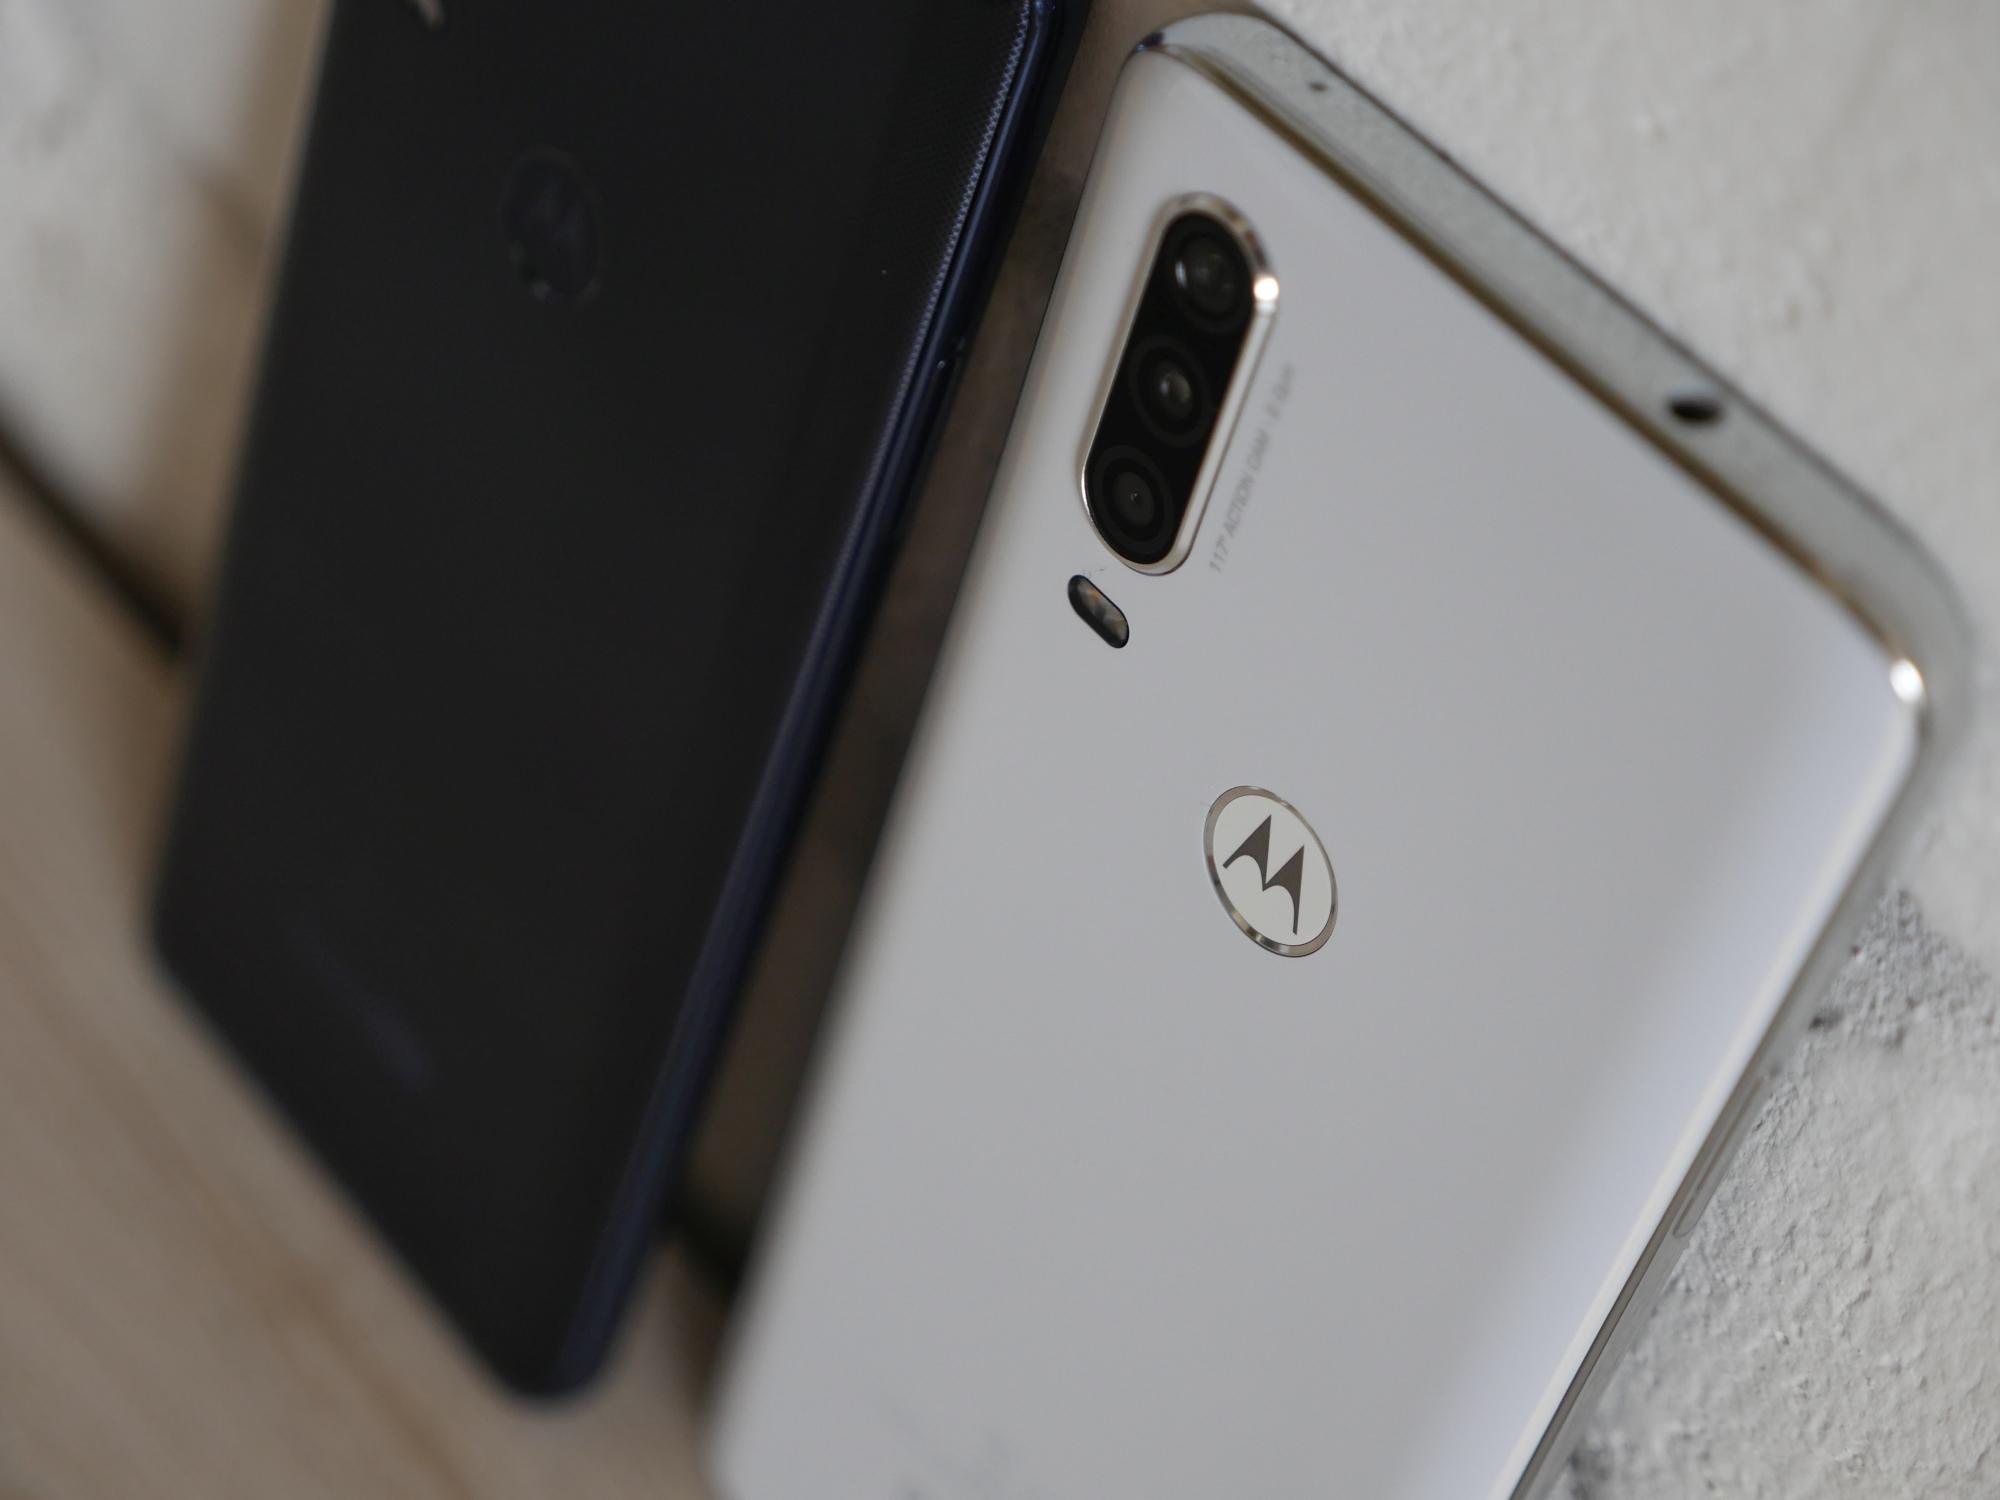 Motorola One Action - recenzja smartfona, który potrafi nagrywać pionowo poziome wideo 17